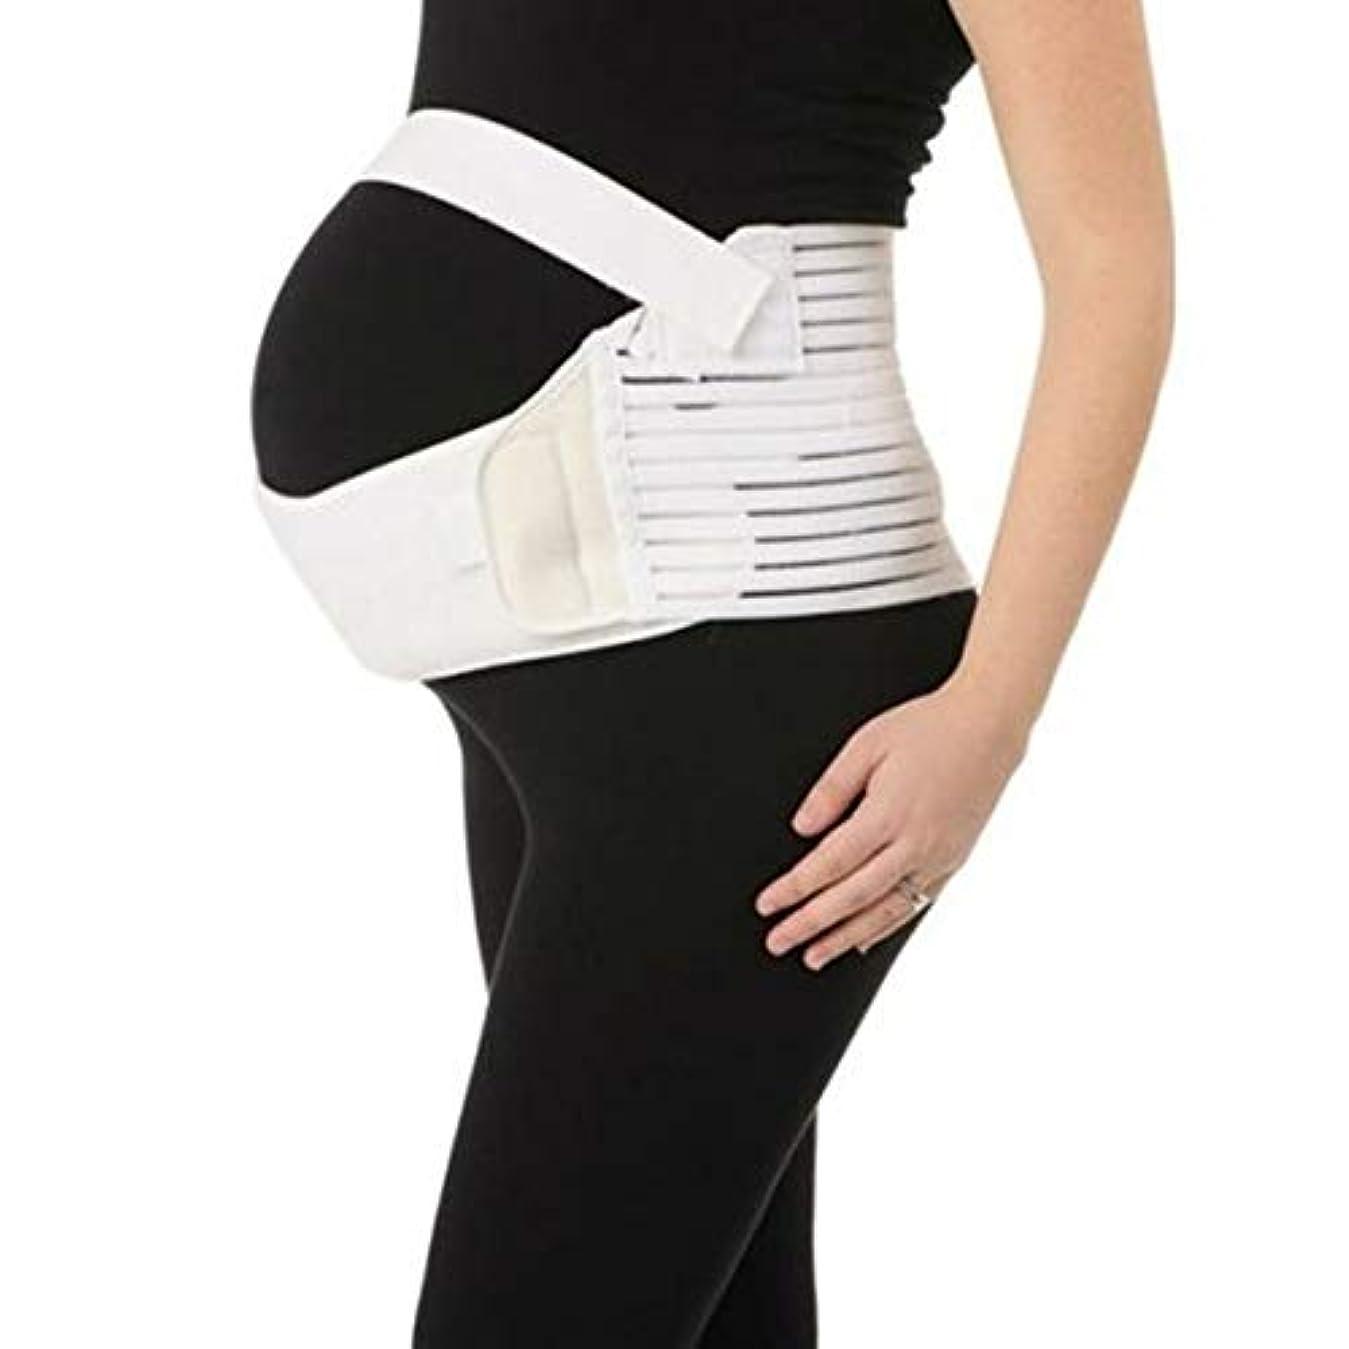 川エンドテーブル知恵通気性マタニティベルト妊娠腹部サポート腹部バインダーガードル運動包帯産後の回復shapewear - ホワイトL